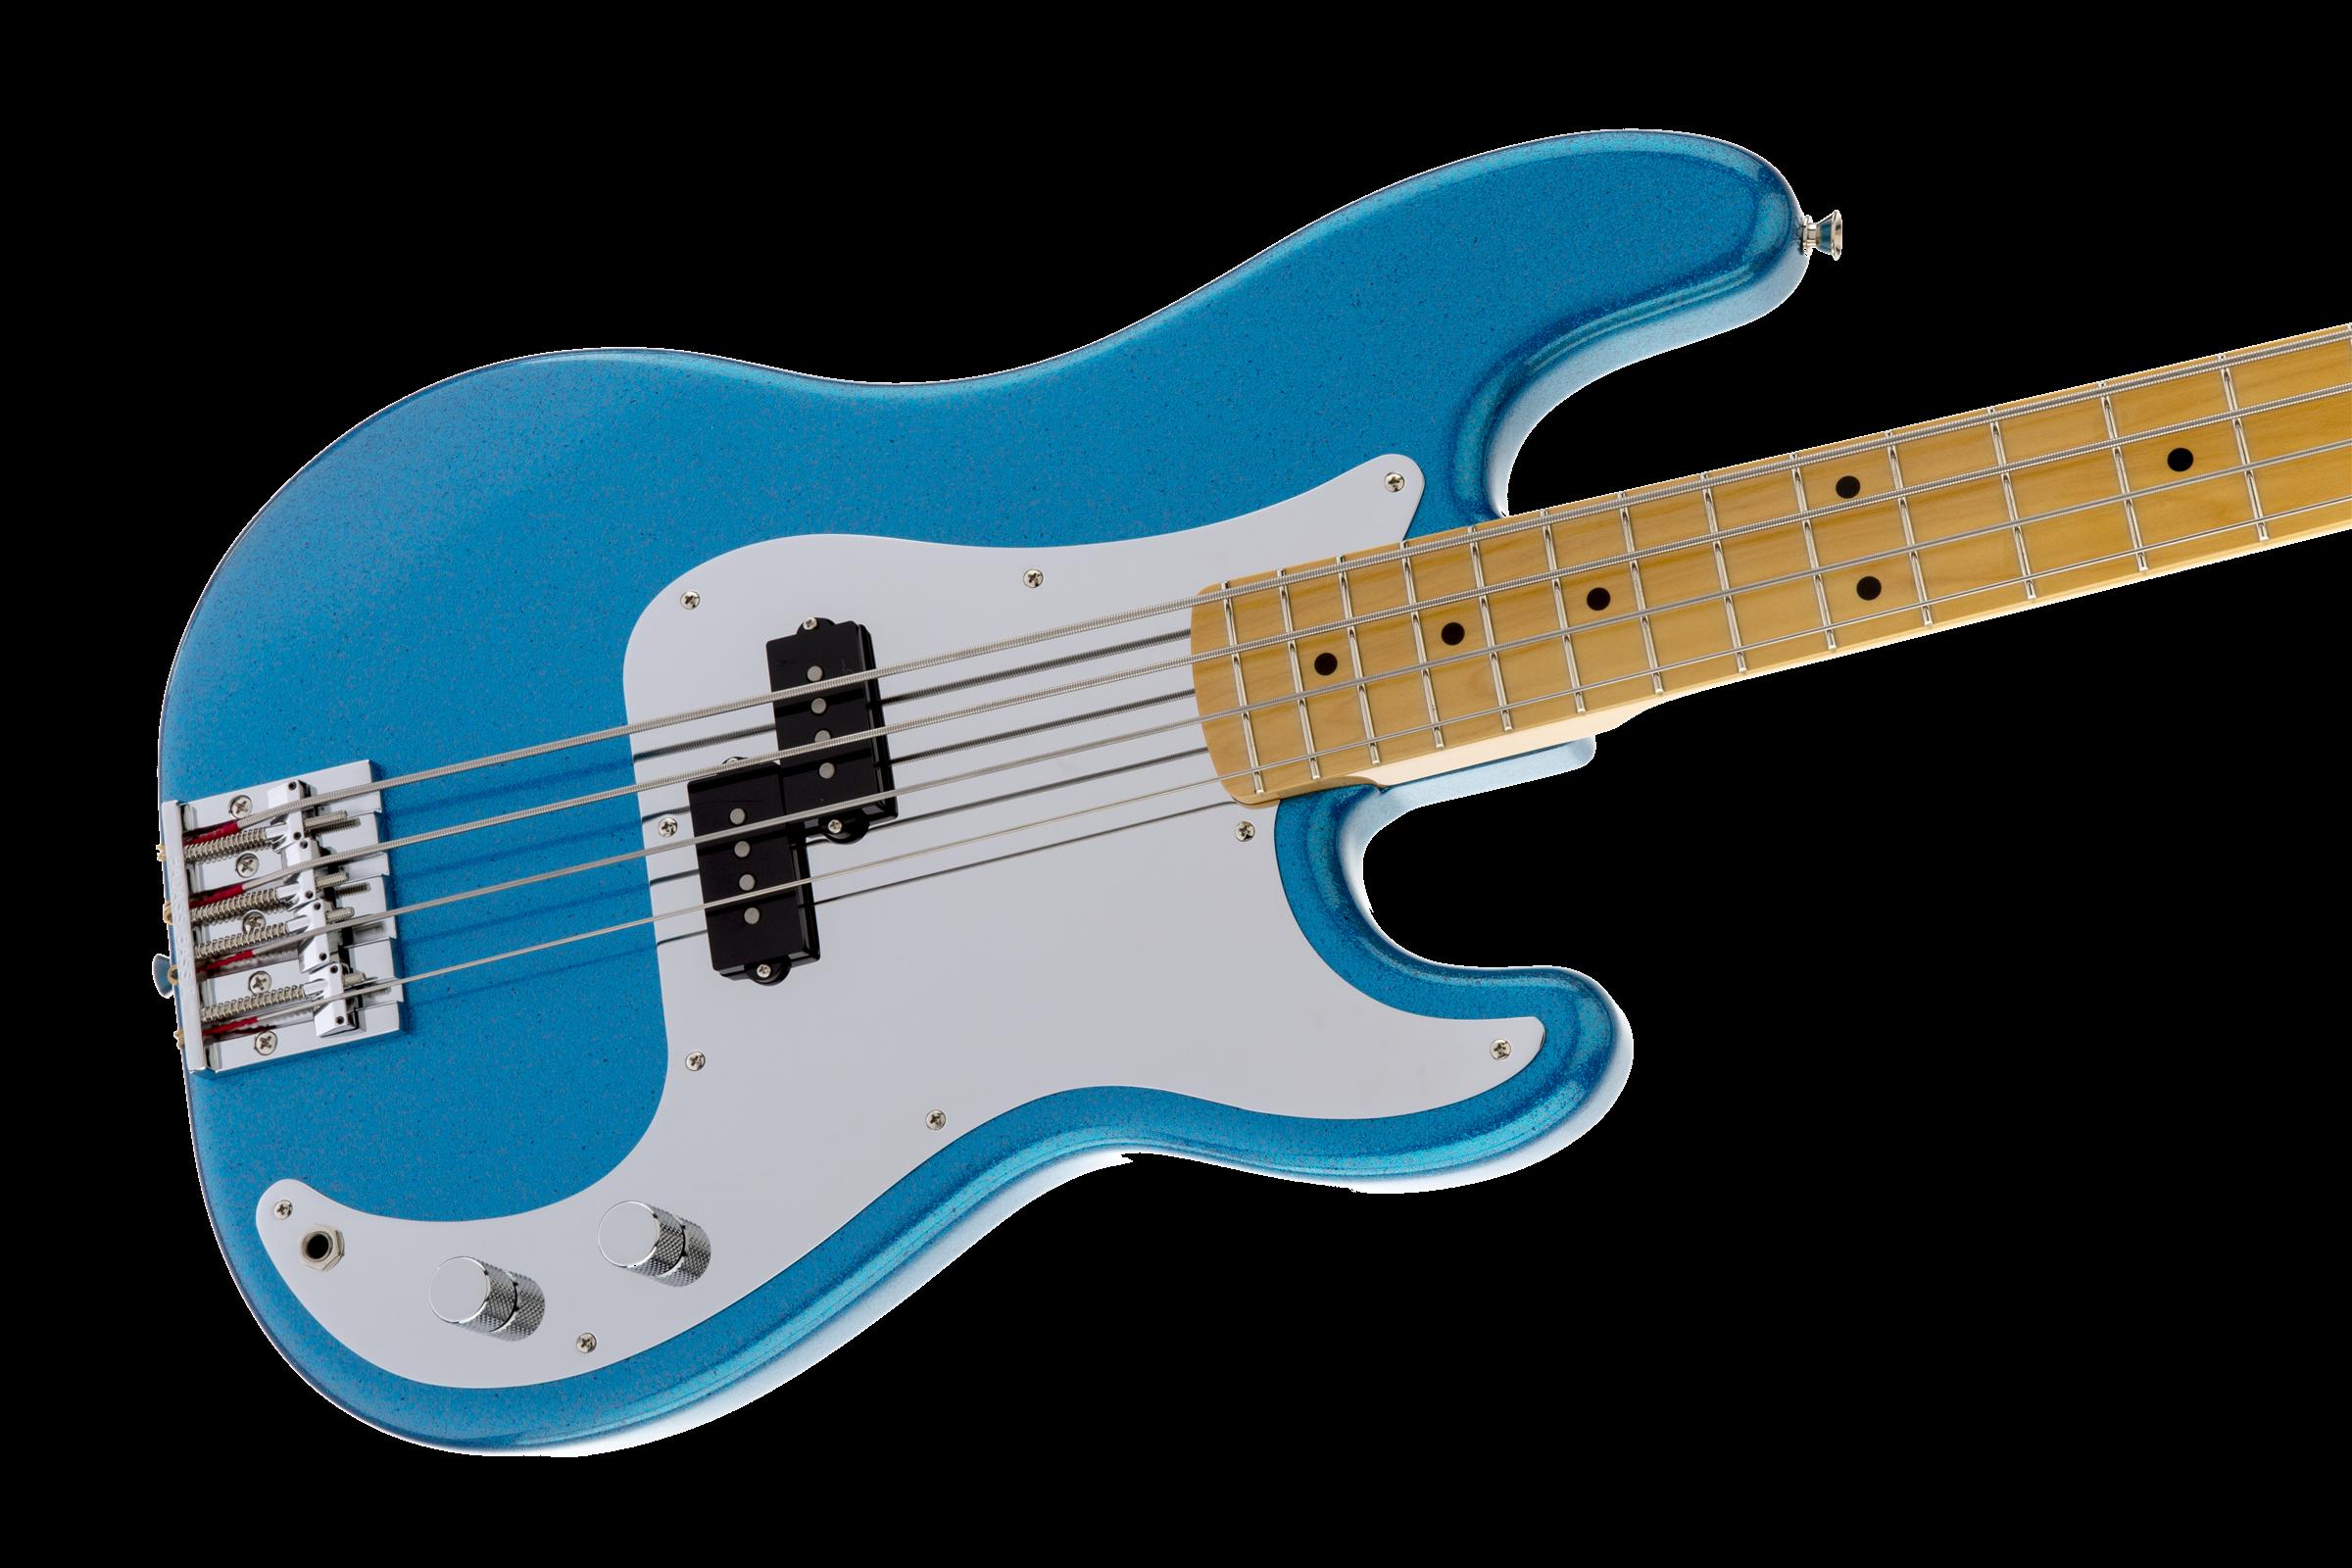 Novo Fender Steve Harris Precision Bass® - Para aqueles que curtem. - Página 2 0252602350_gtr_cntbdyright_001_nr